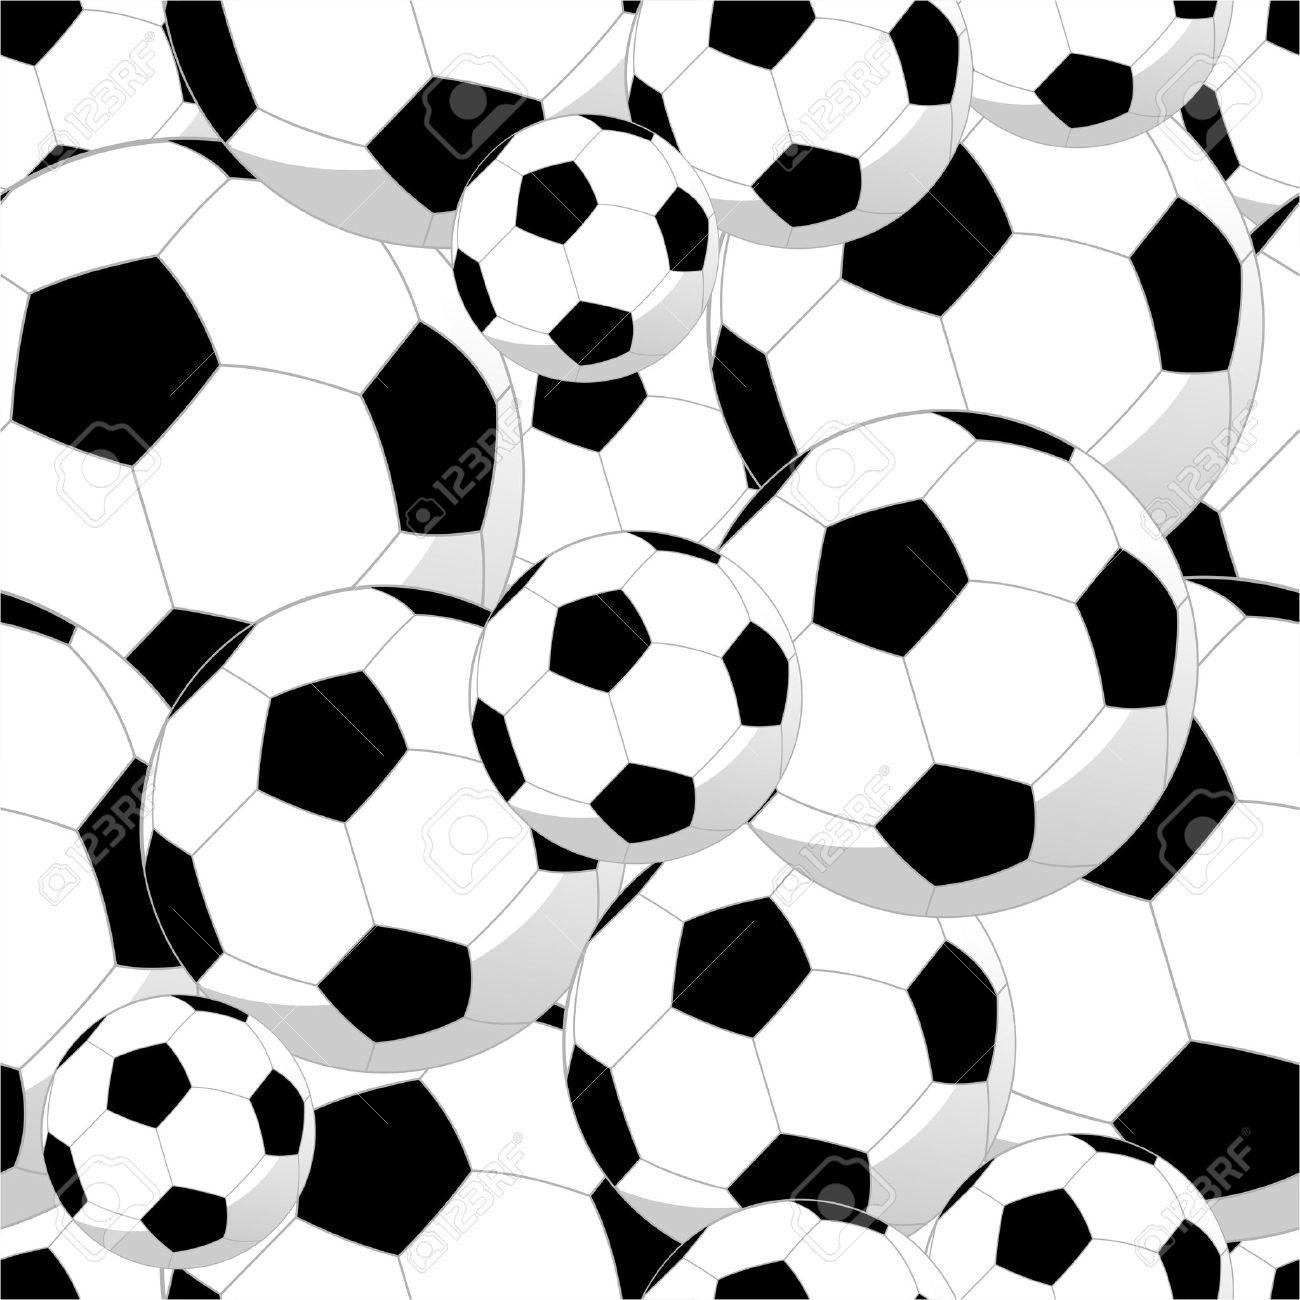 Balones De Fútbol El Deporte Patrón De Fondo Sin Fisuras De Archivo Vectorial En Capas Para La Manipulación Fácil Y Personalizada Para Colorear